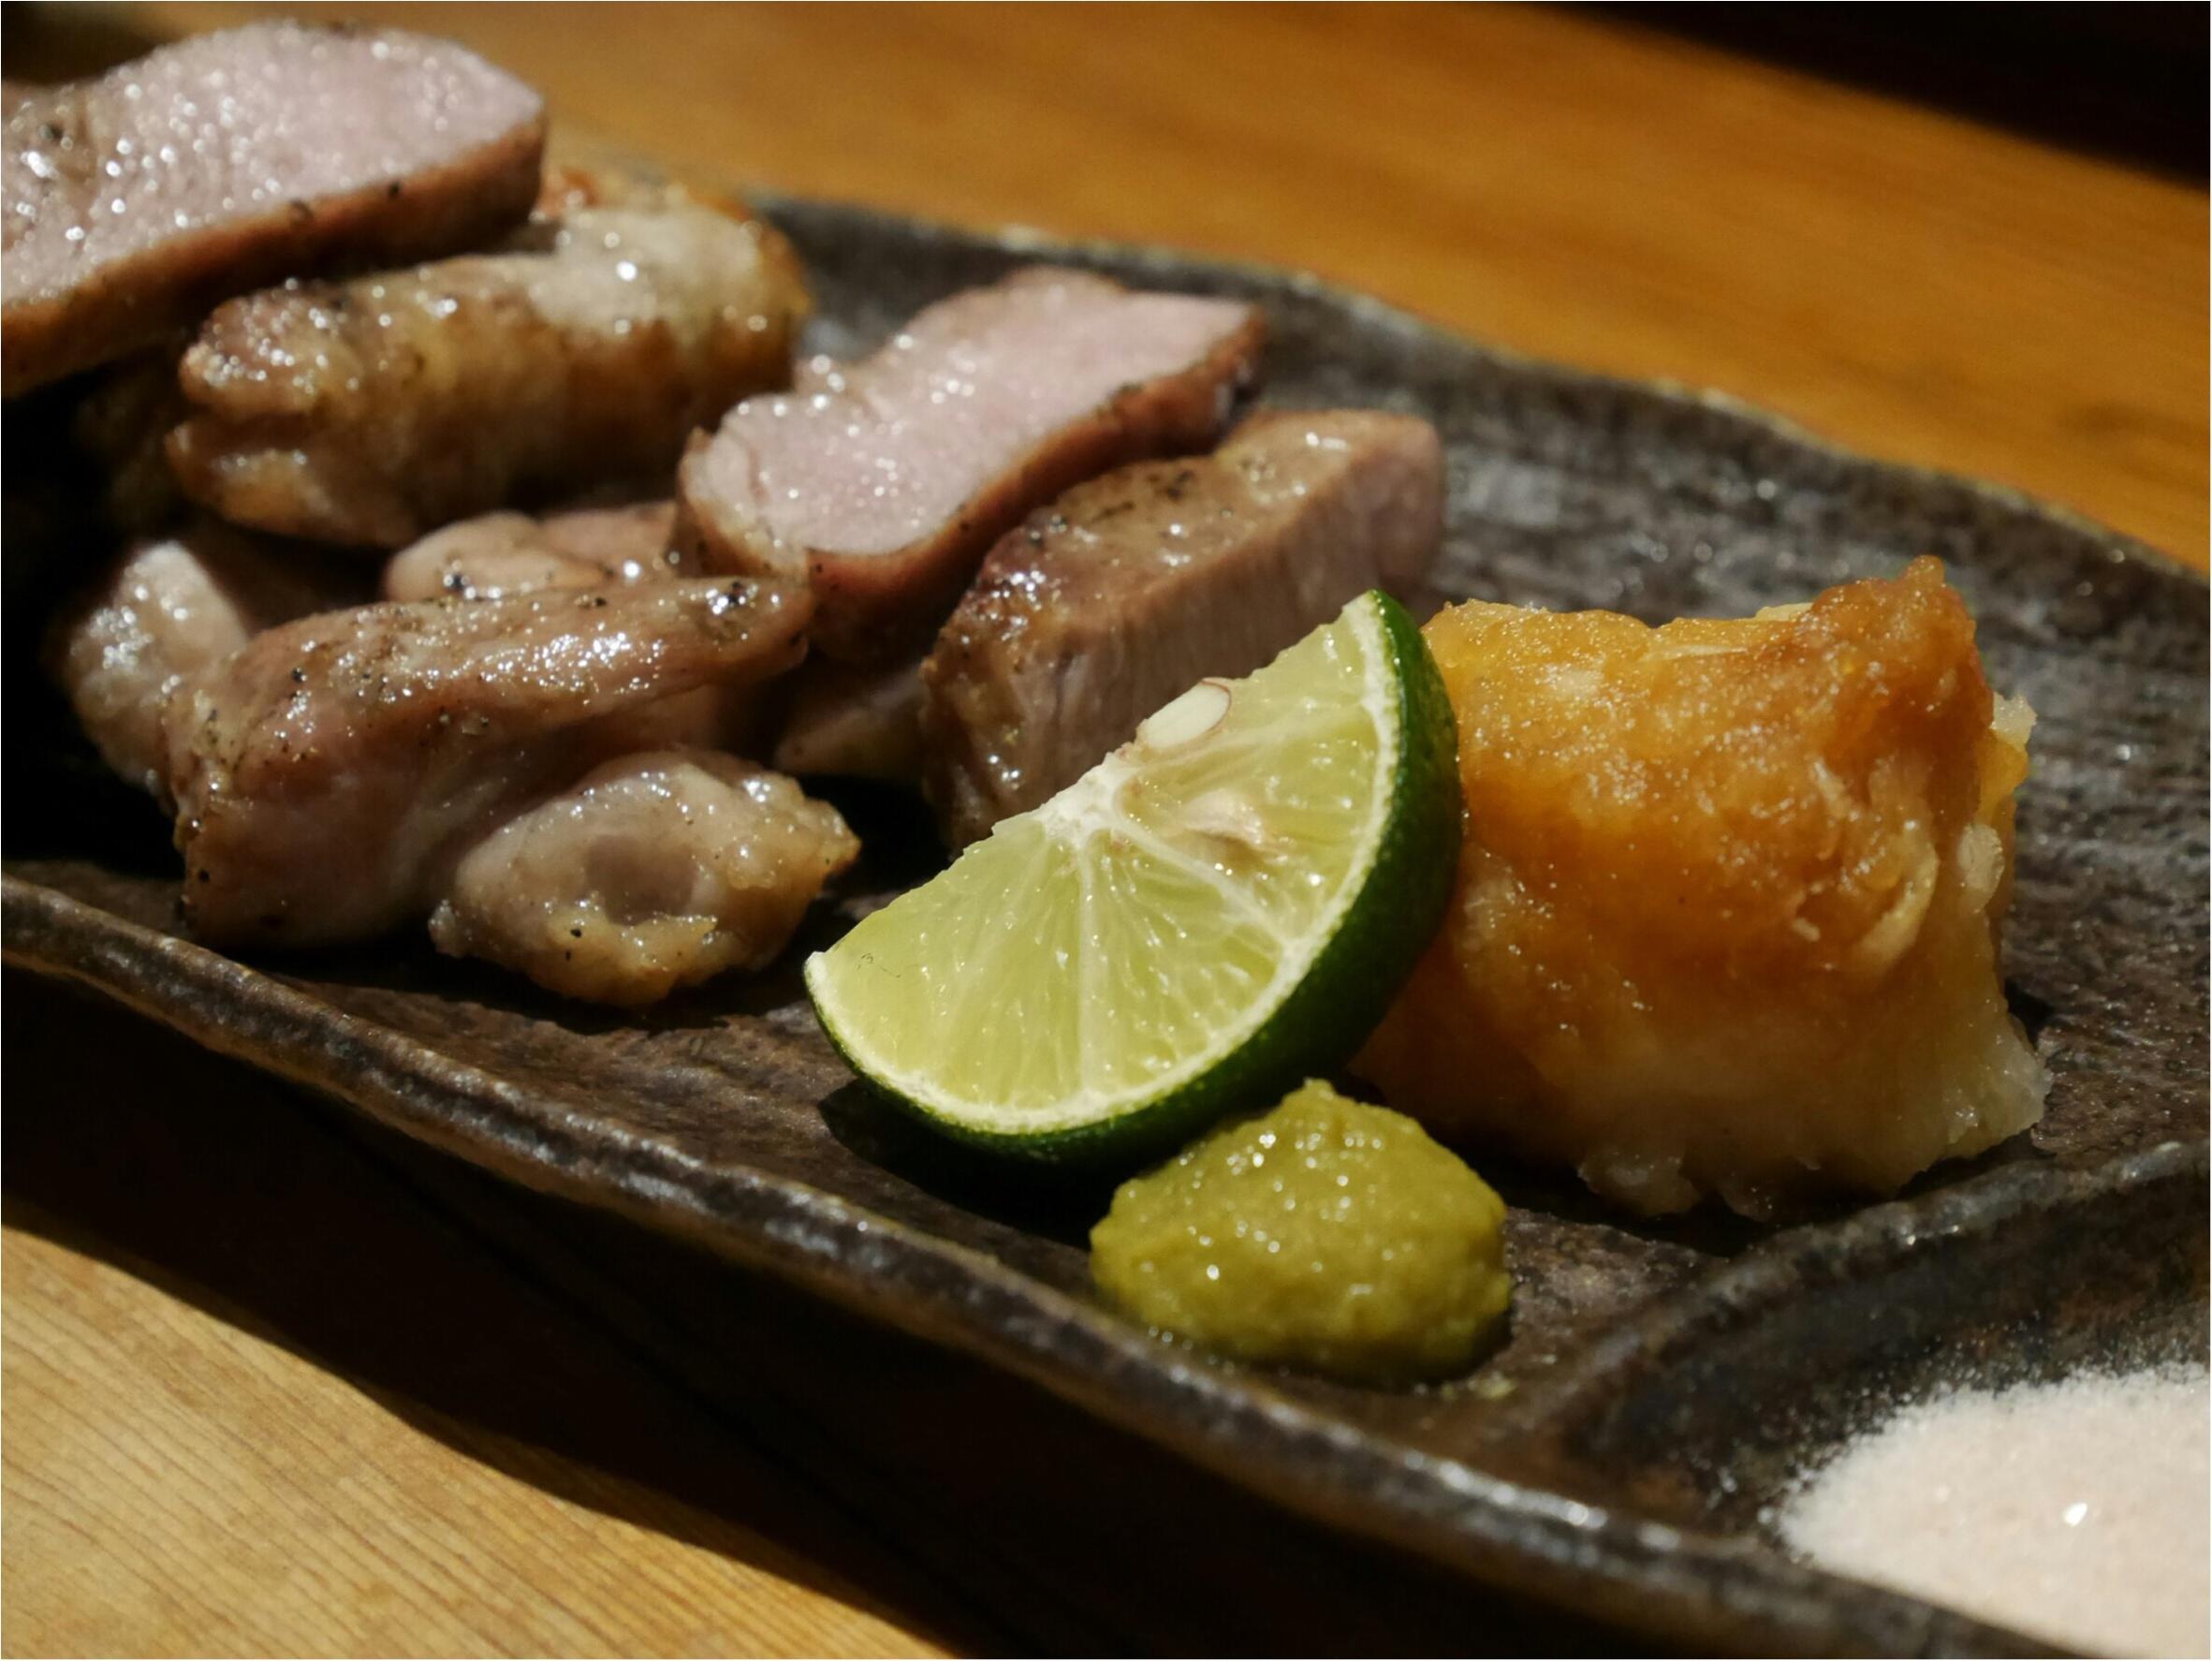 【恵比寿】そば・しゃぶしゃぶ・日本酒を楽しむなら『まにん』✨黒豚つけ麺そばが絶品〜♡_6_2